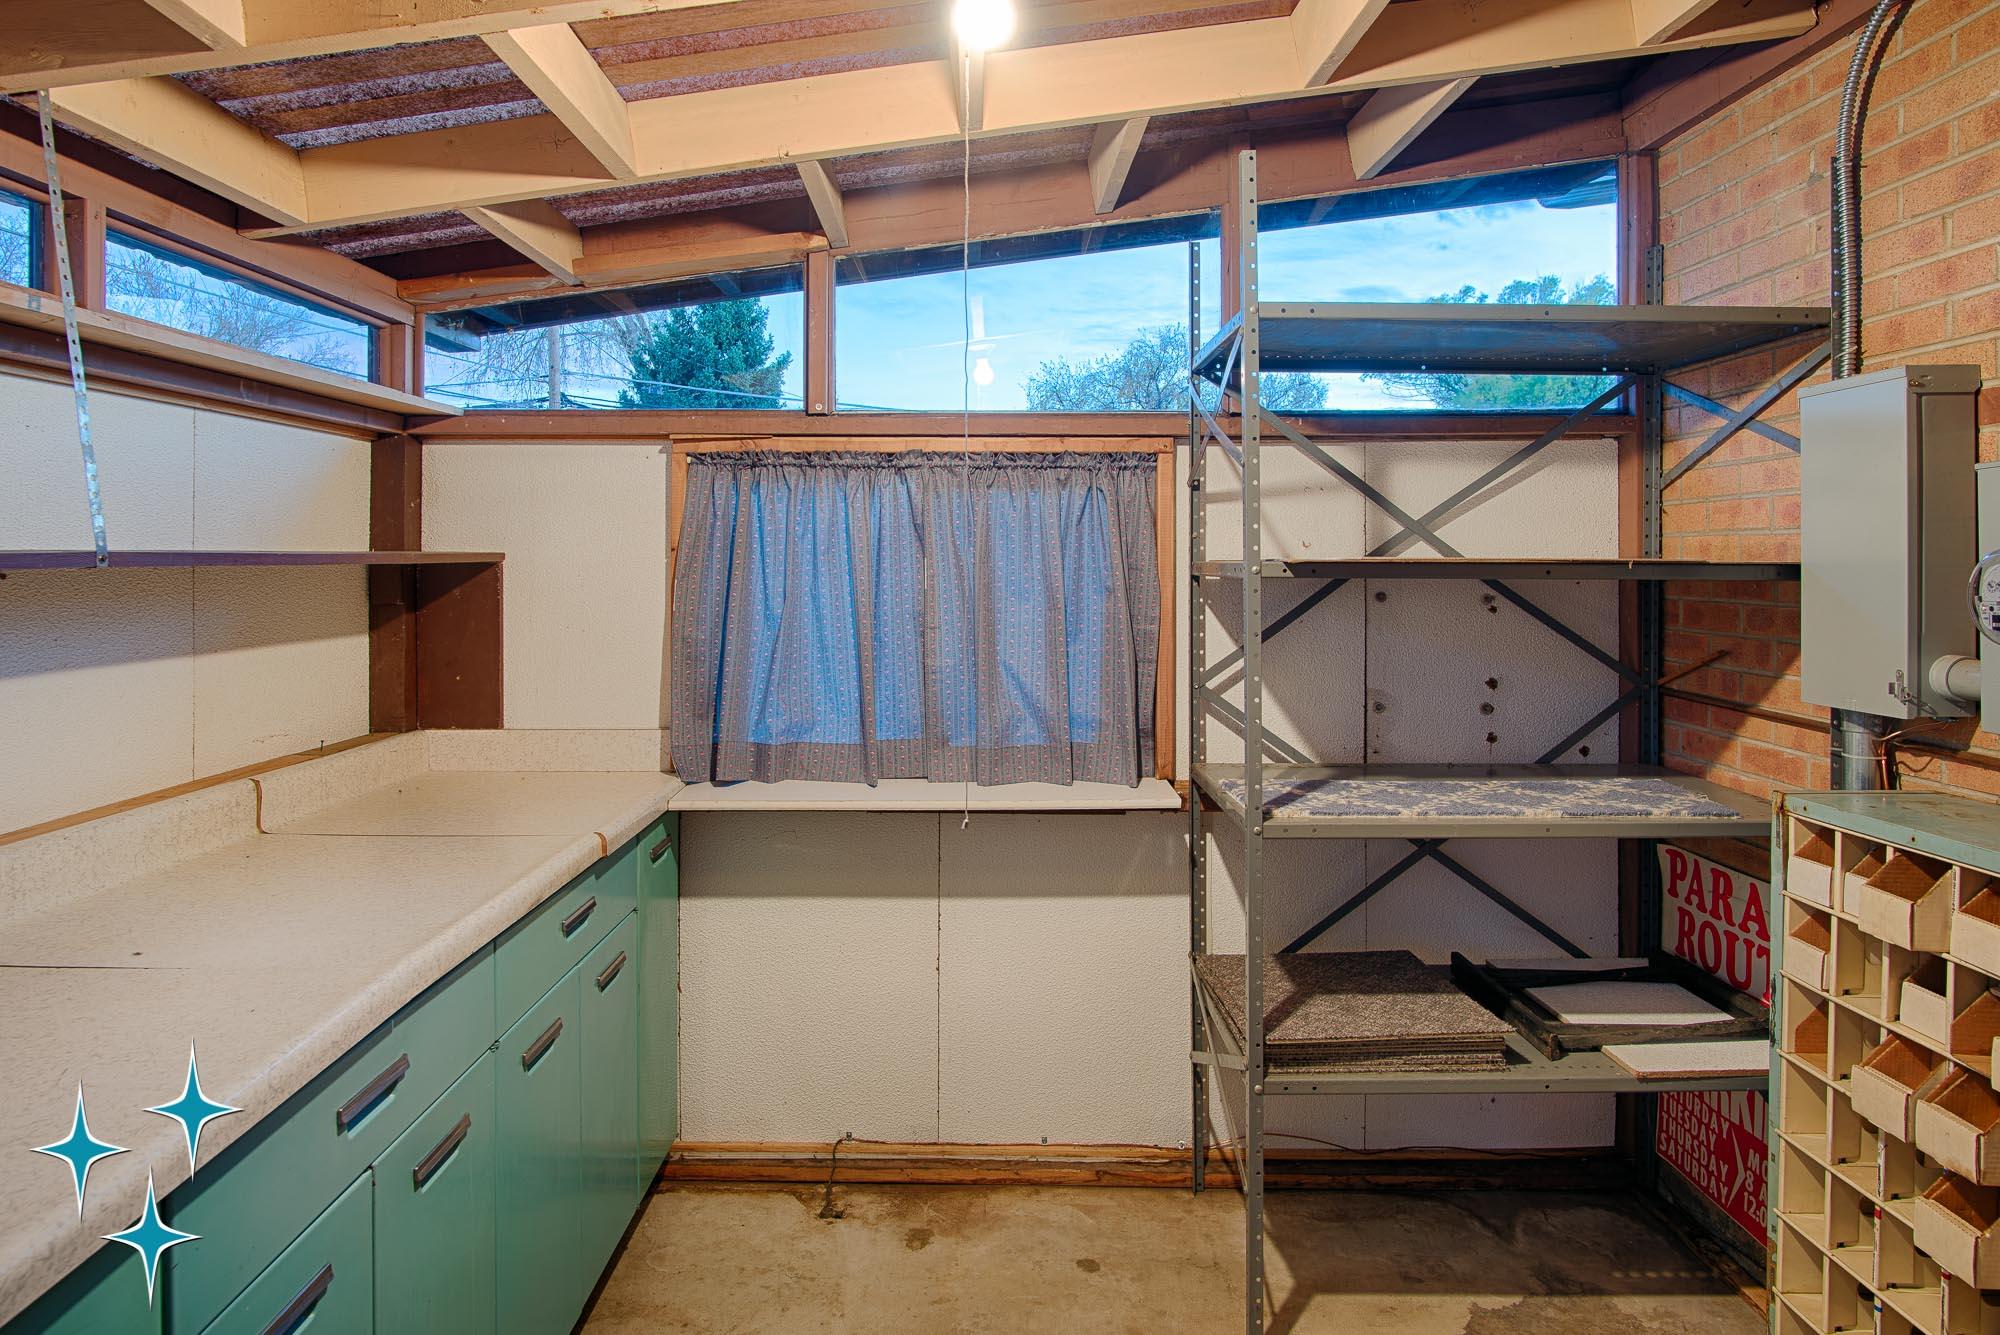 Adrian-Kinney-4155-W-Iliff-Avenue-Denver-r-Carey-Holiday-Home-2000w50-3SWM-35.jpg